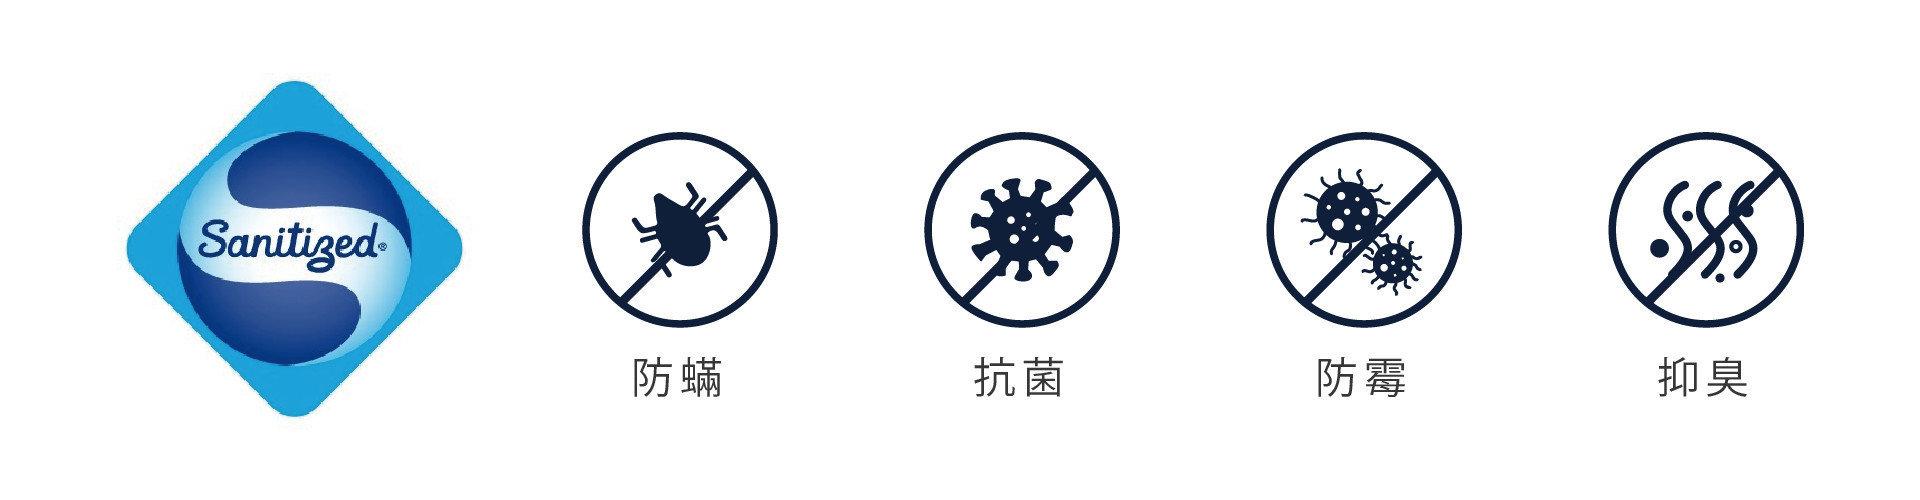 山寧泰Sanitized抗菌技術:能有效抗菌、防蟎、防霉及除臭